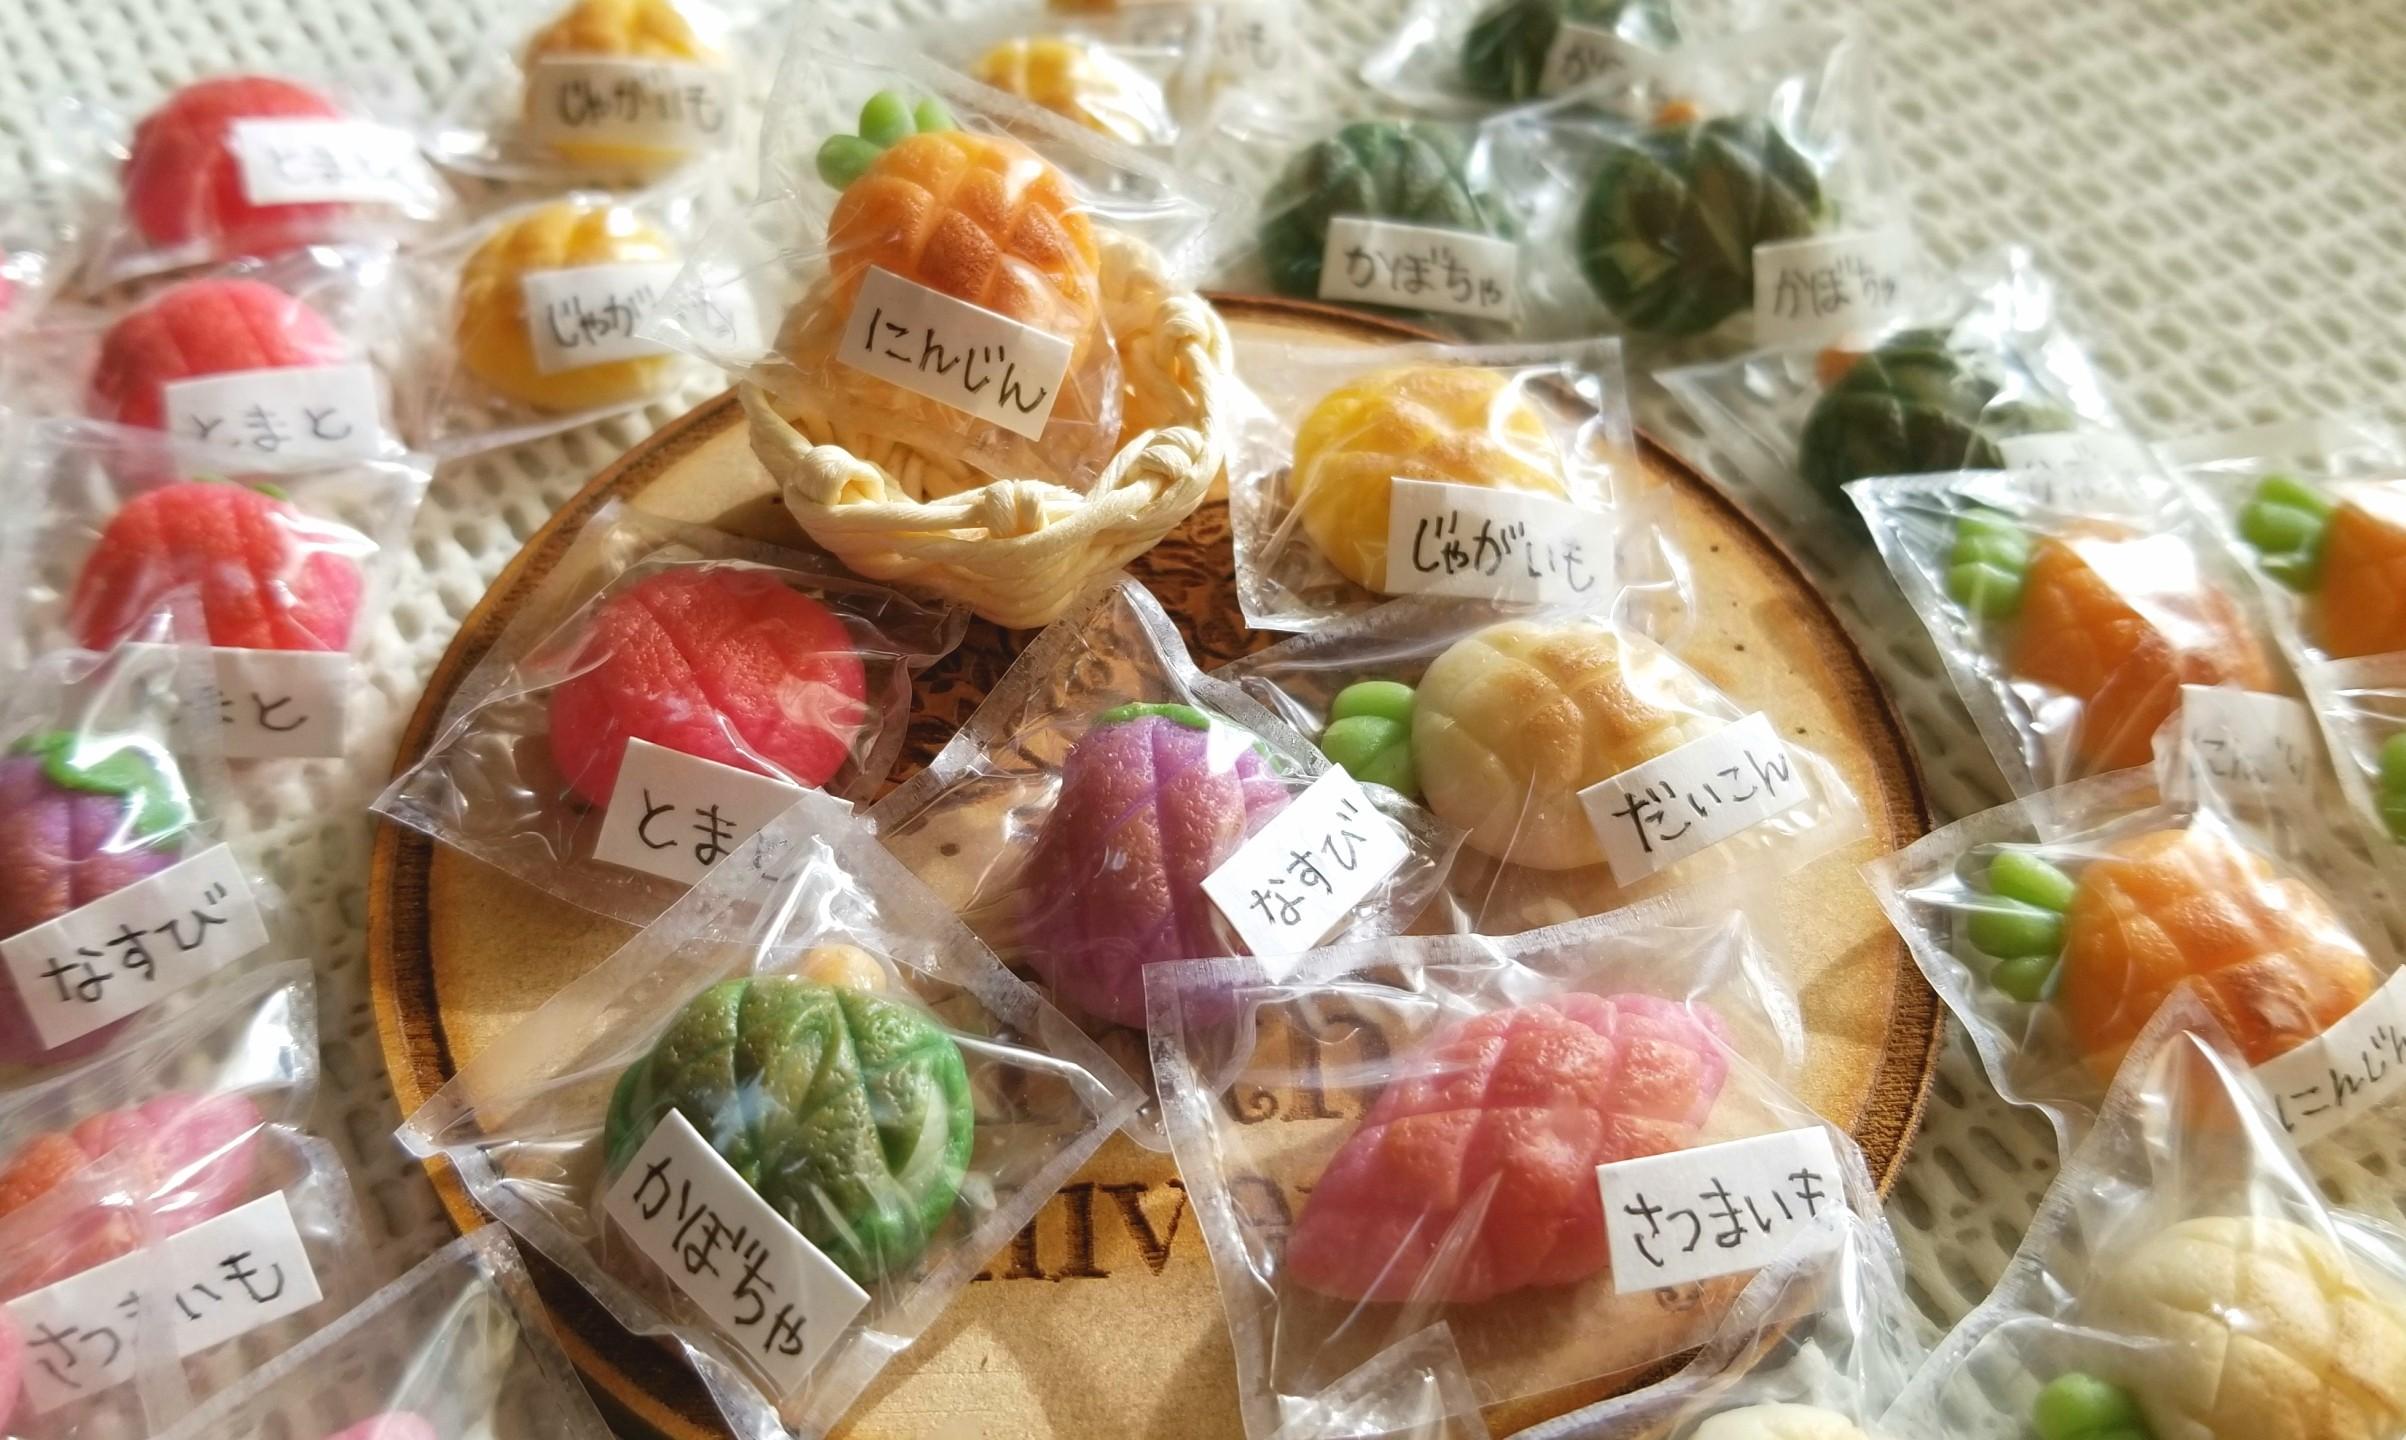 野菜のメロンパン,ミニチュアフード,包装,樹脂粘土,ミンネ販売中